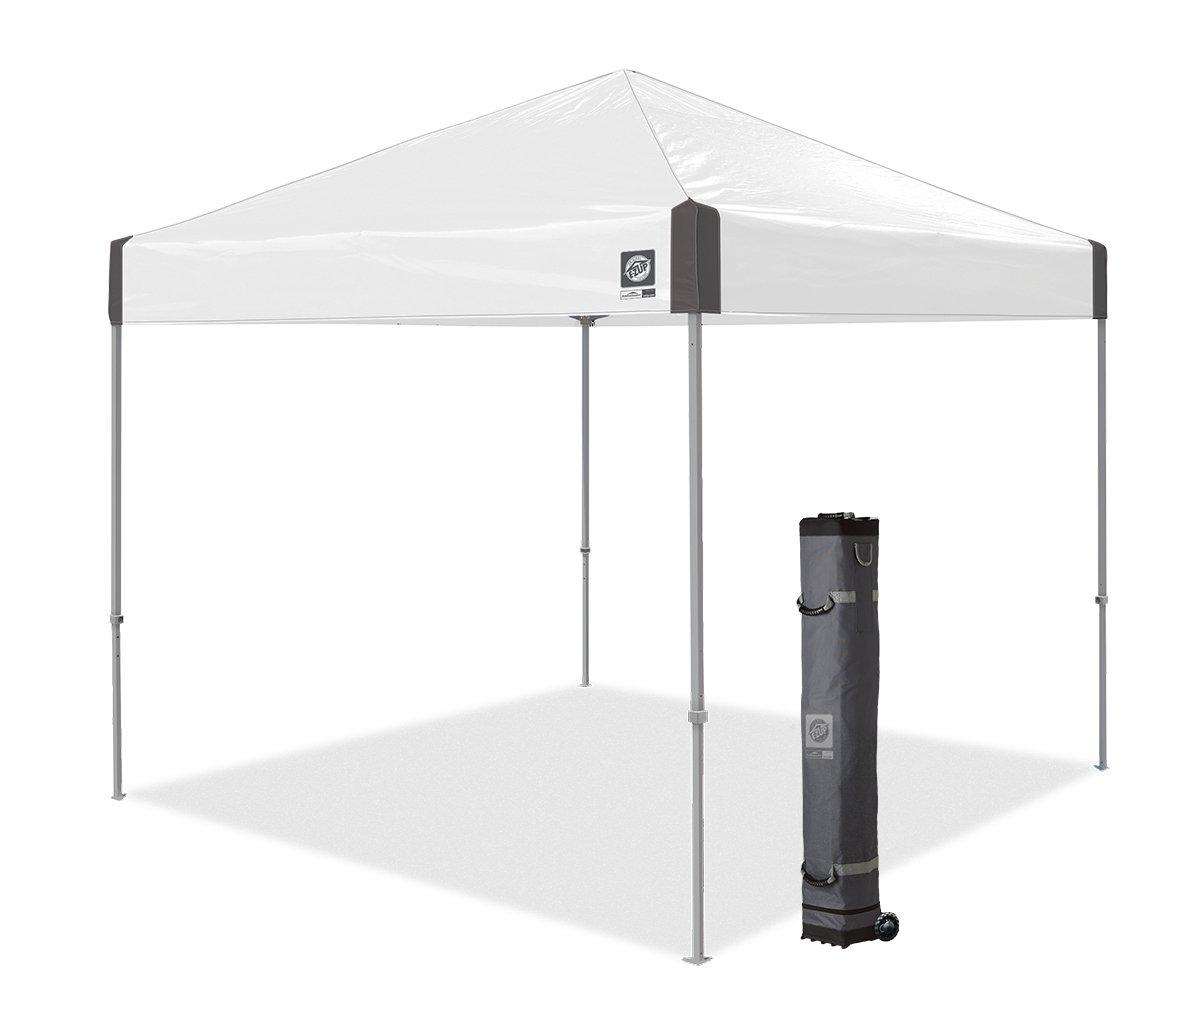 E-Z UP Ambassador Instant Shelter Canopy, 10 by 10', White Slate